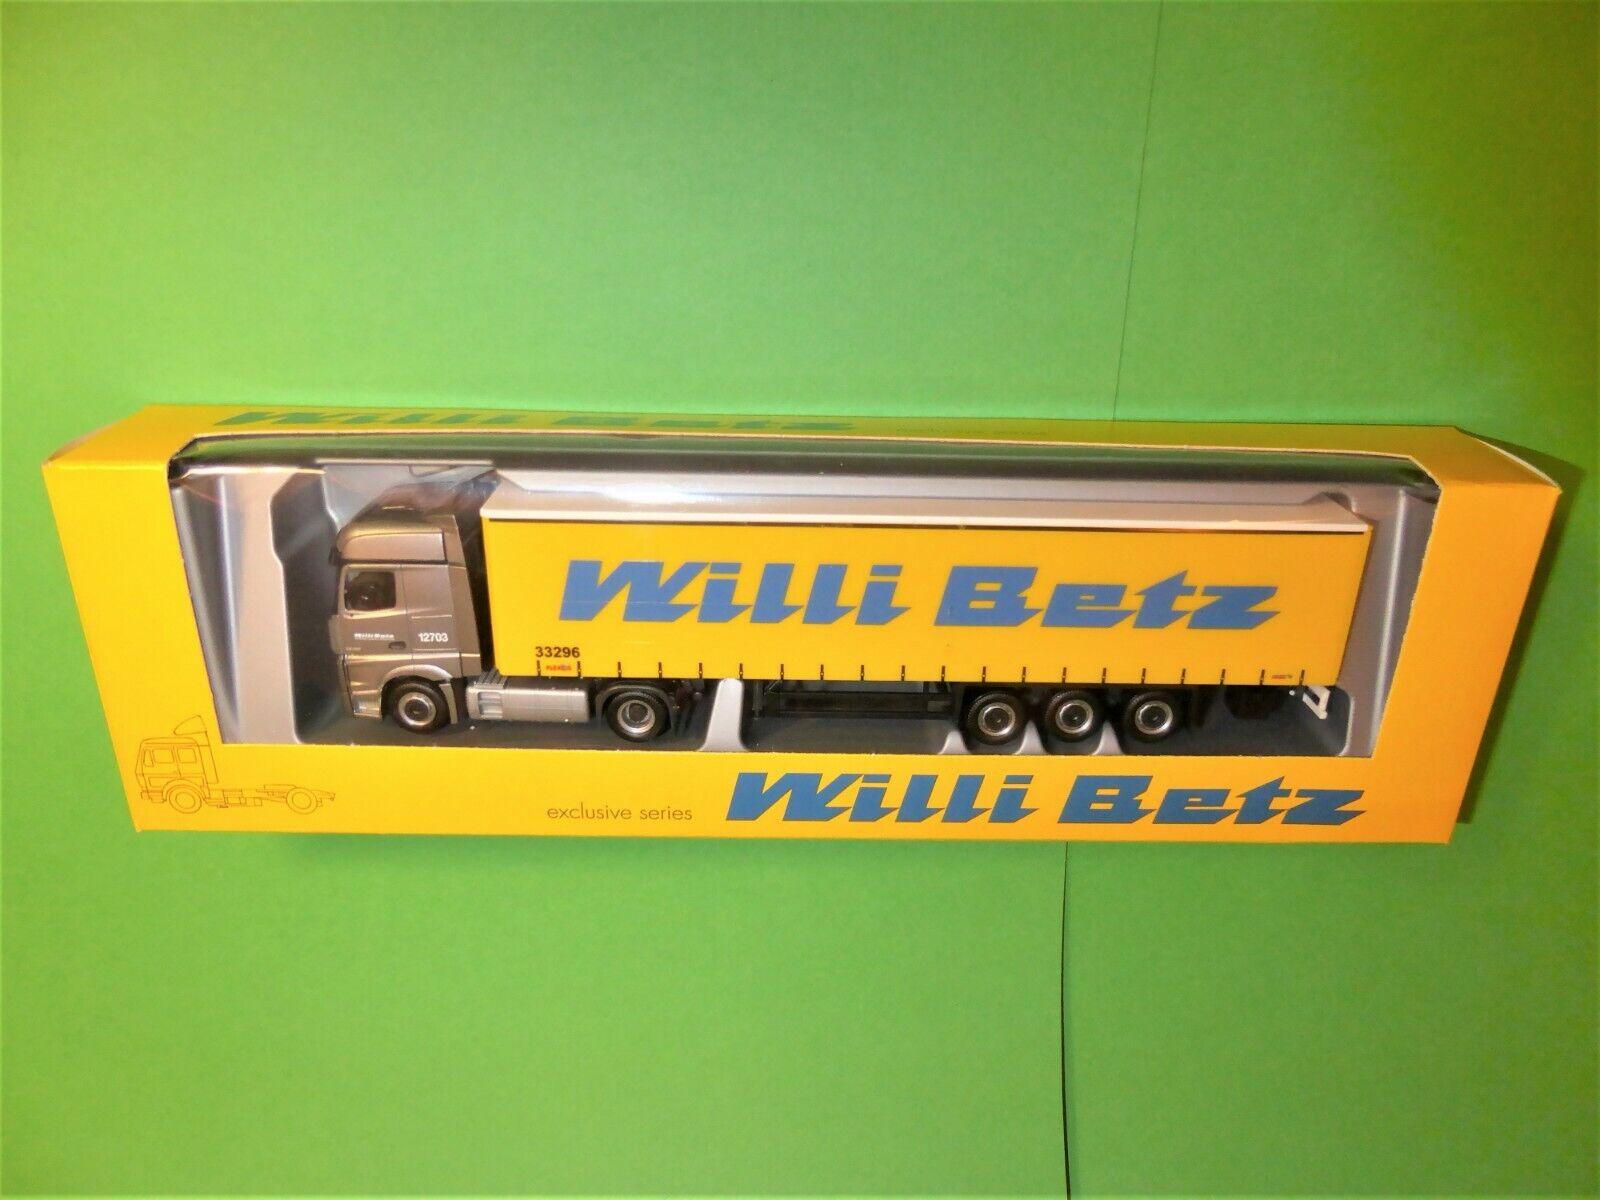 directo de fábrica Herpa  Willi betz 12703 33296    MB actros SZ 1 87 top&ovp  disfrutando de sus compras